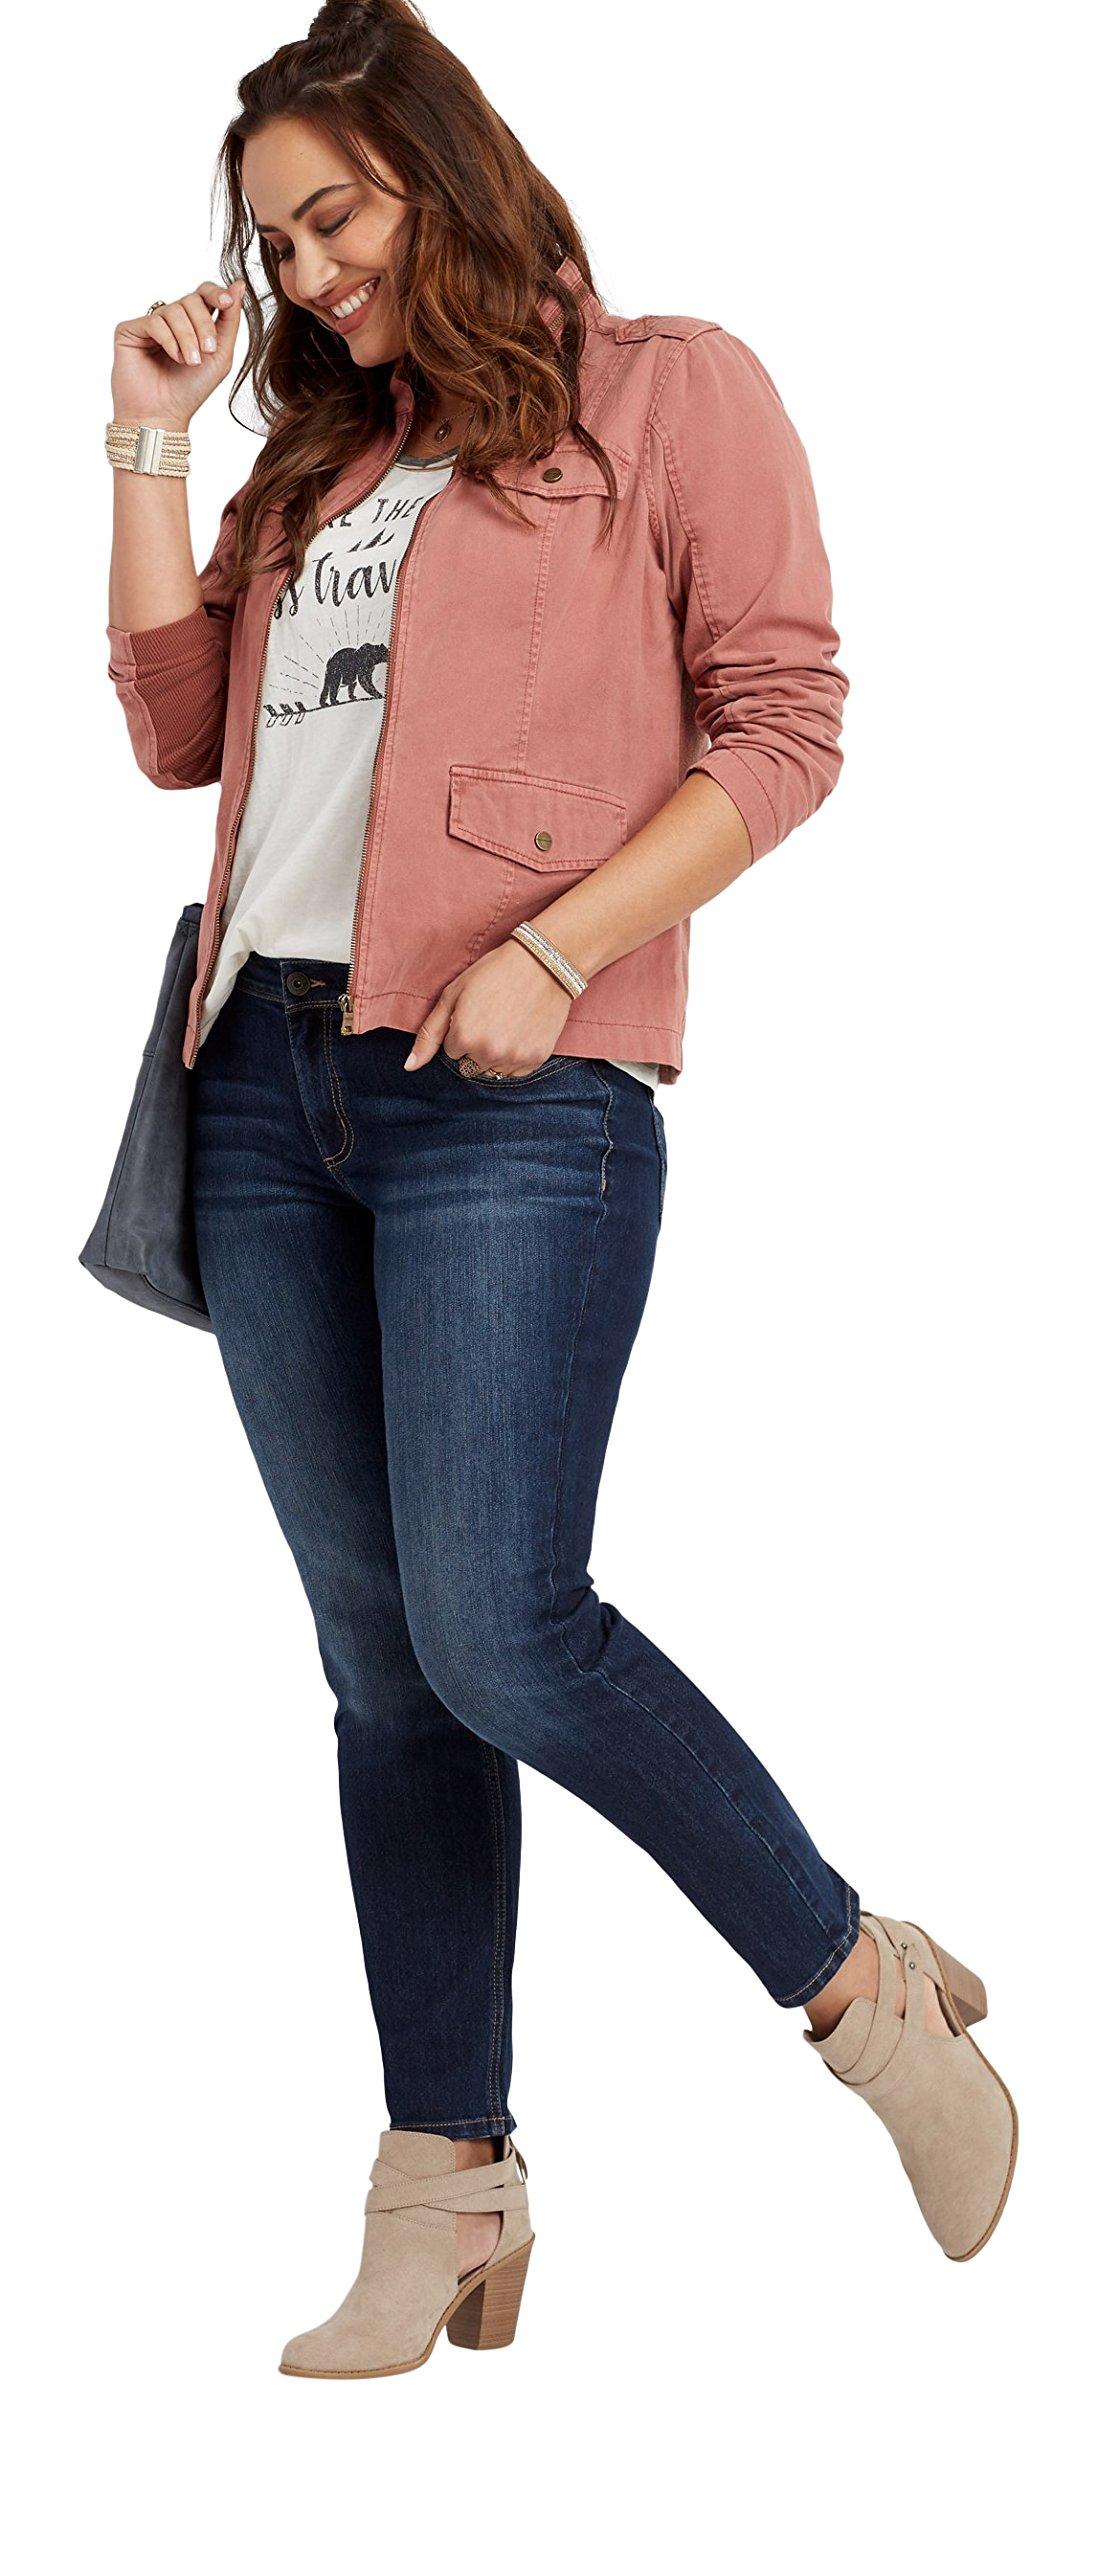 maurices Women's Plus Size Denimflex Dark Wash Skinny Jean 14W Dark Sandblast